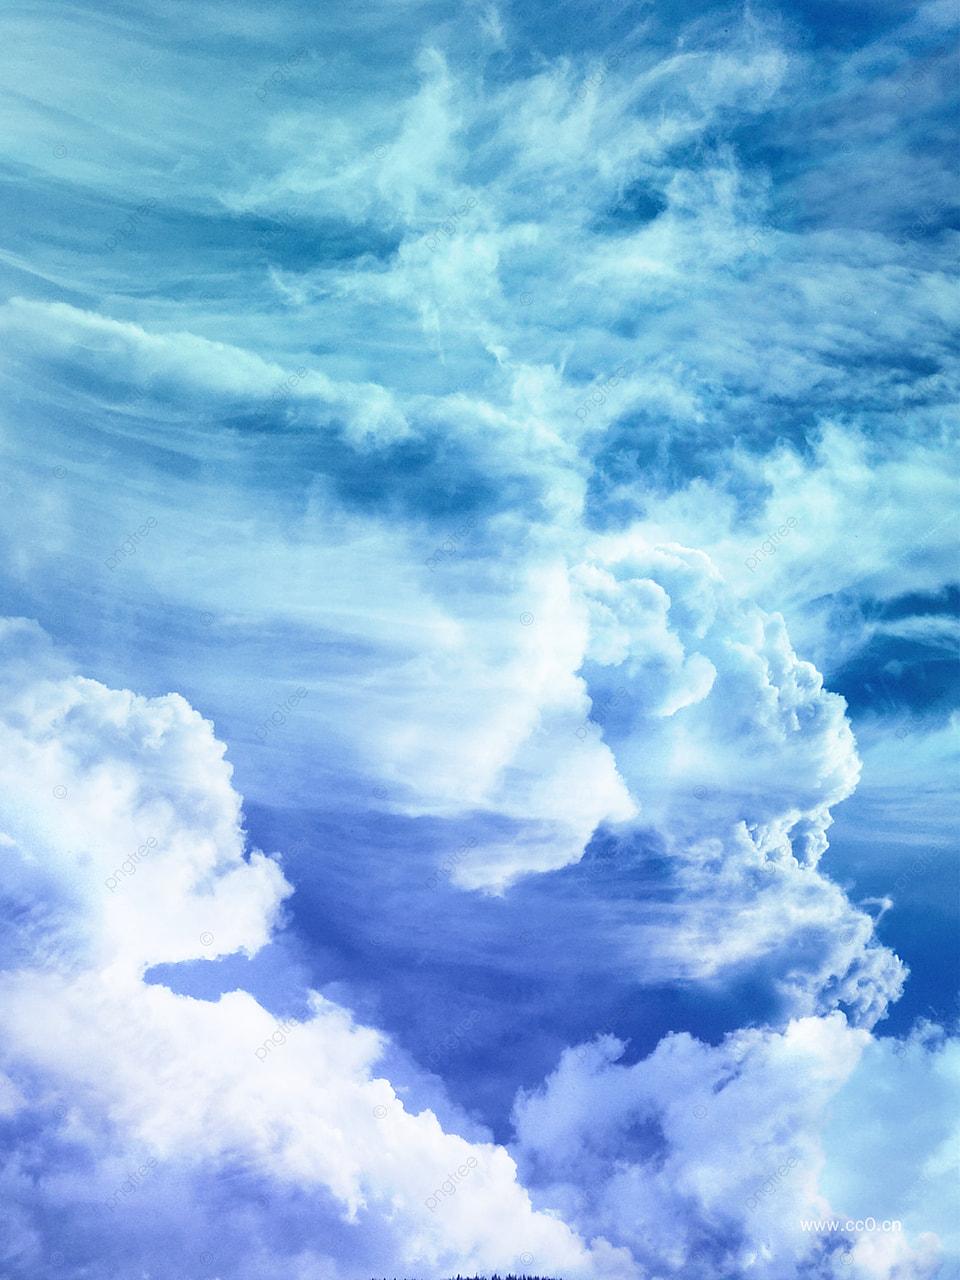 Langit Biru Dan Bahan Latar Belakang Awan Putih, Latar Belakang Poster Film  Fiksi Ilmiah, Latar Belakang Keren, Awan Gambar Latar Belakang Untuk  Unduhan Gratis